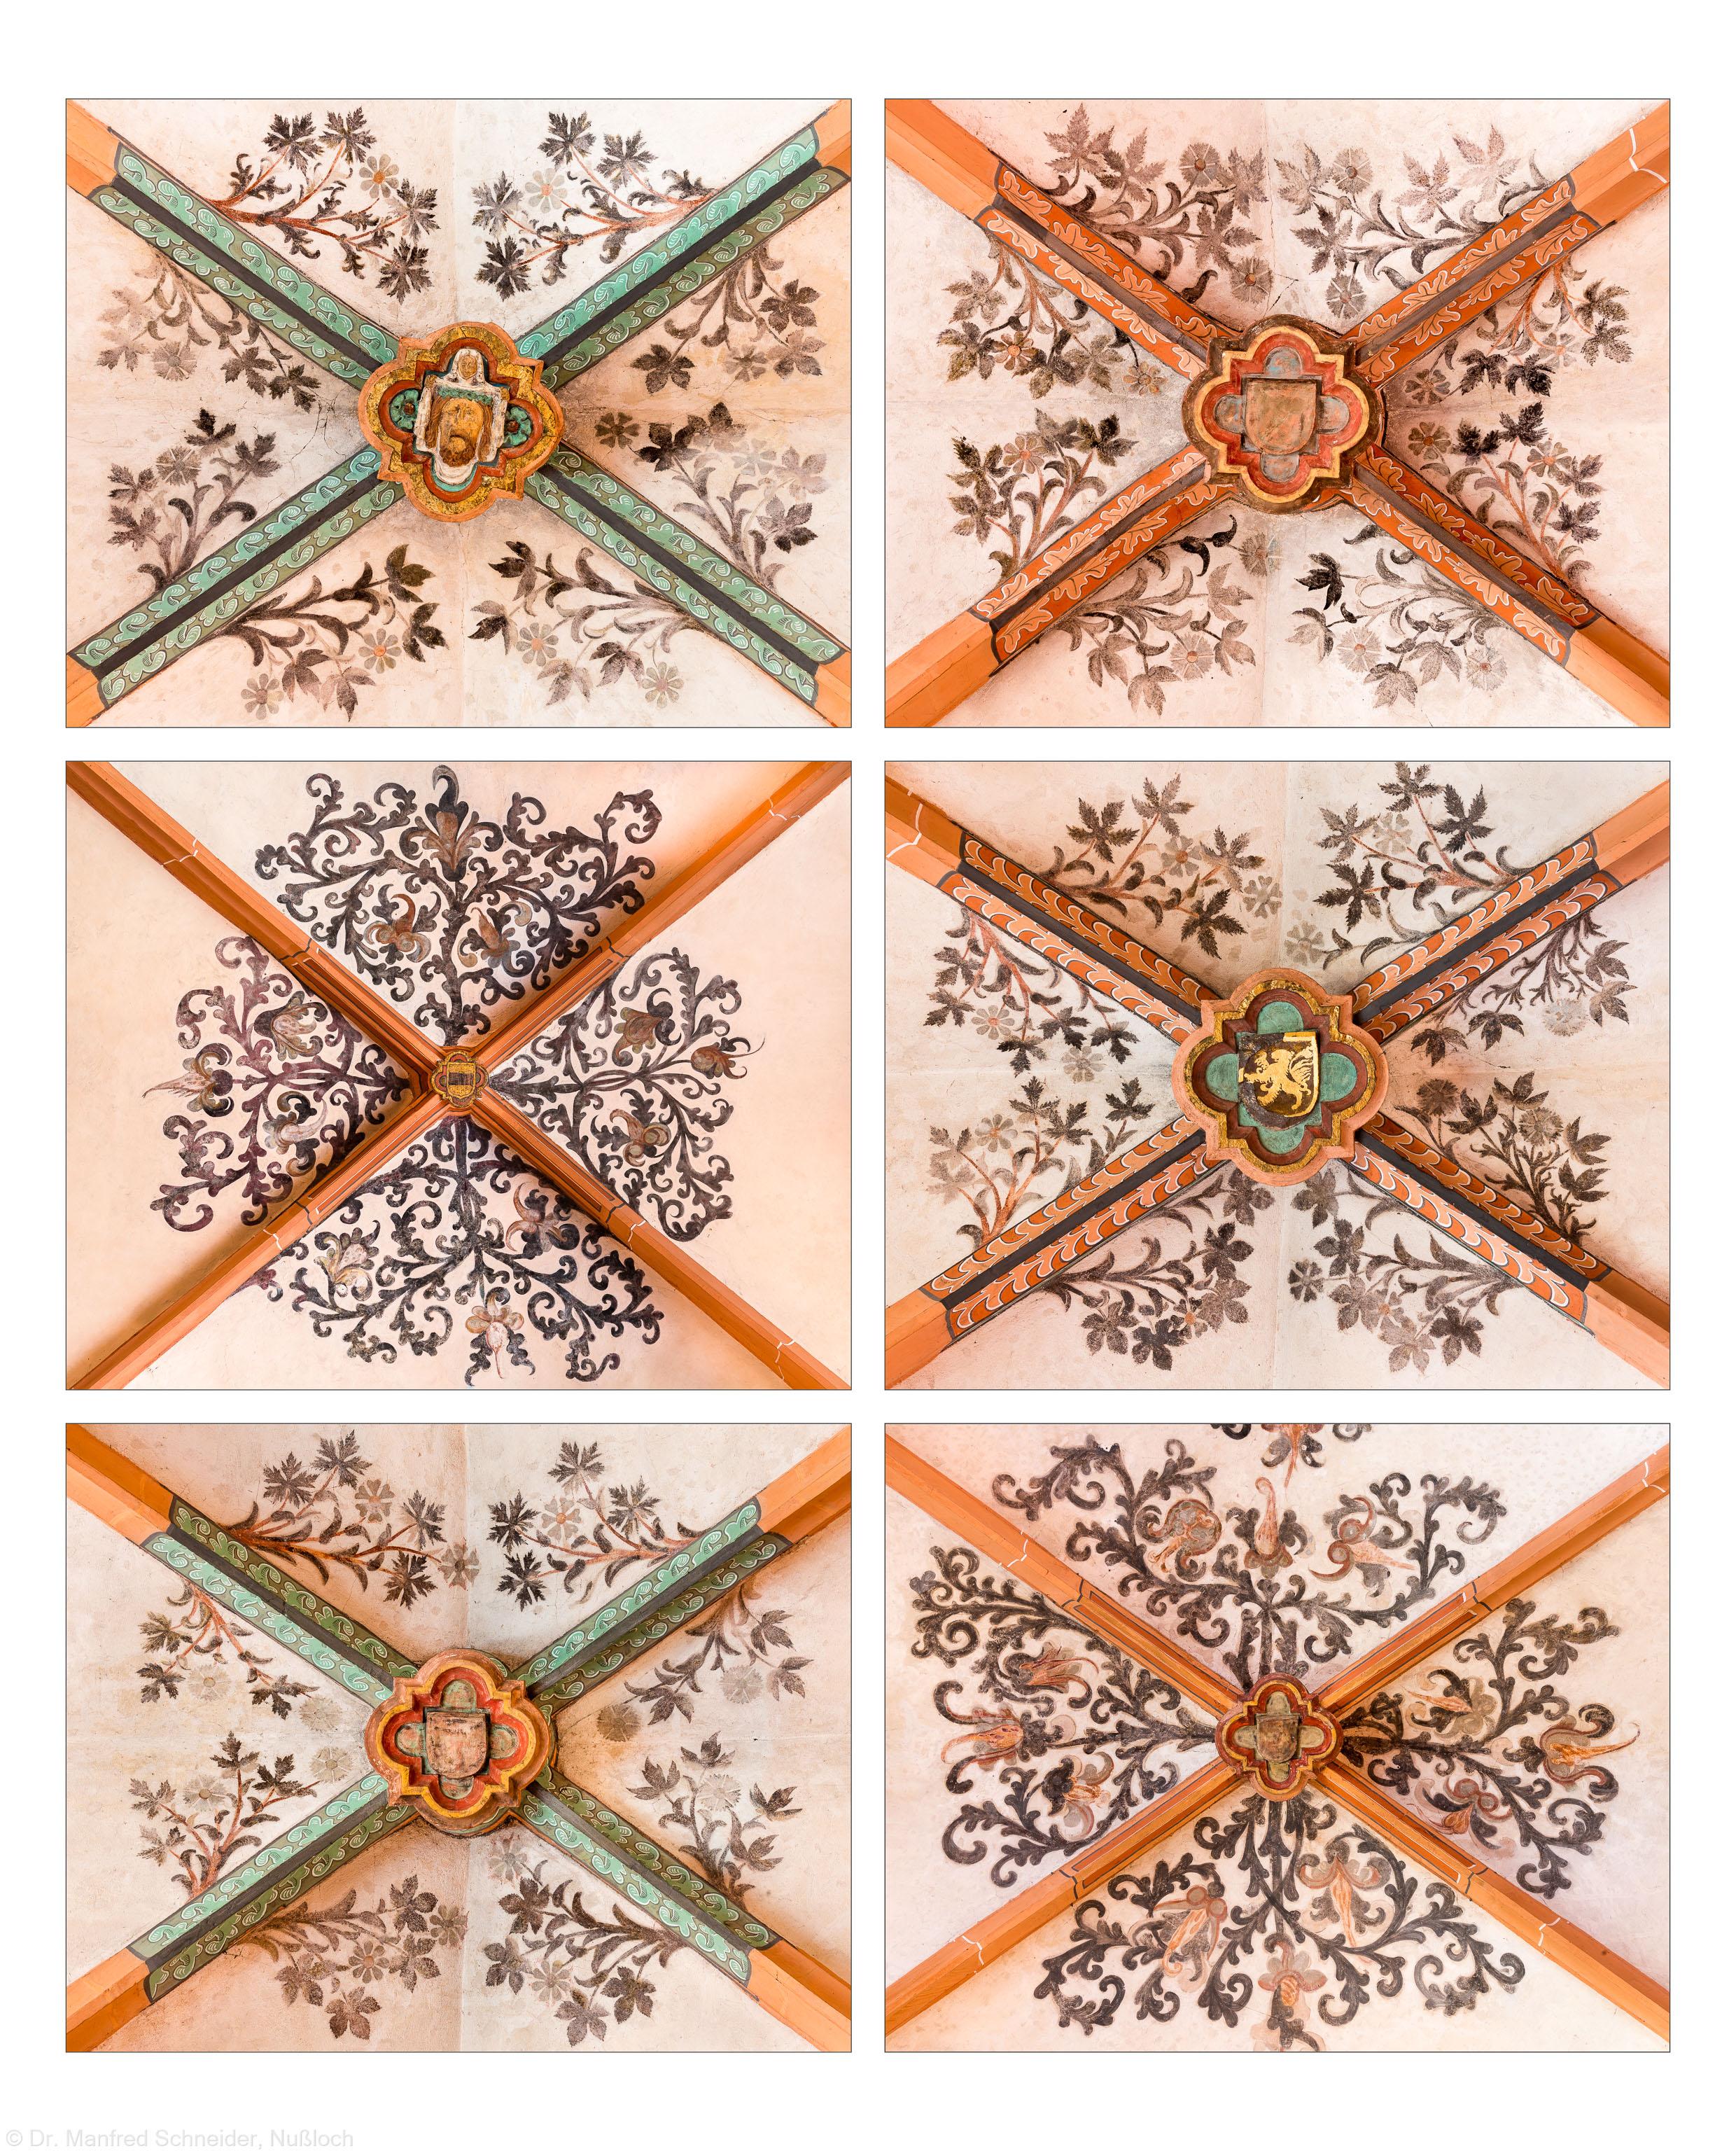 Heidelberg - Heiliggeistkirche - Nordschiff - Schlußsteine mit Ornamenten, v.l.n.r.: 5., 6., 1., 3., 4., und 2. Joch, von Westen aus gezählt (aufgenommen im April 2015, nachmittags)